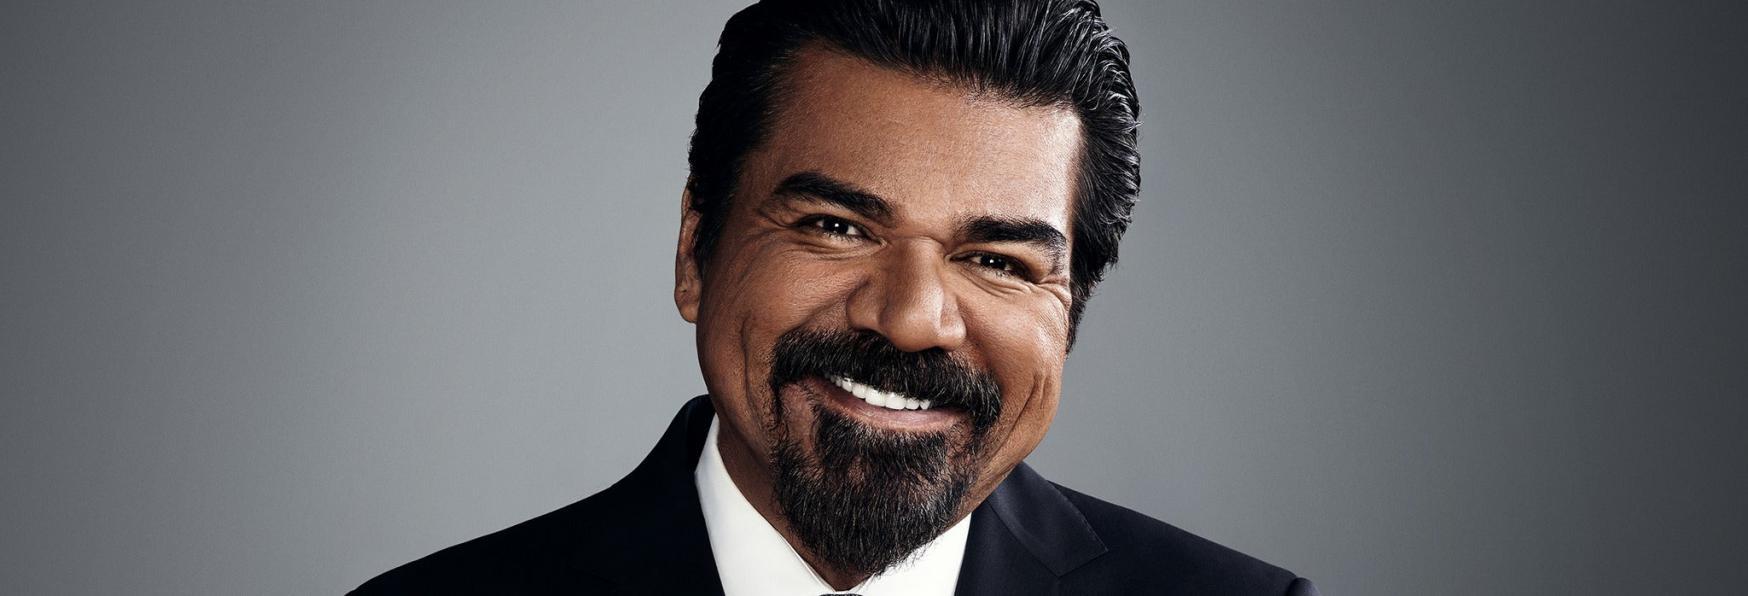 Ufficiale: NBC ordina il Pilot della nuova Serie TV Comedy di George Lopez